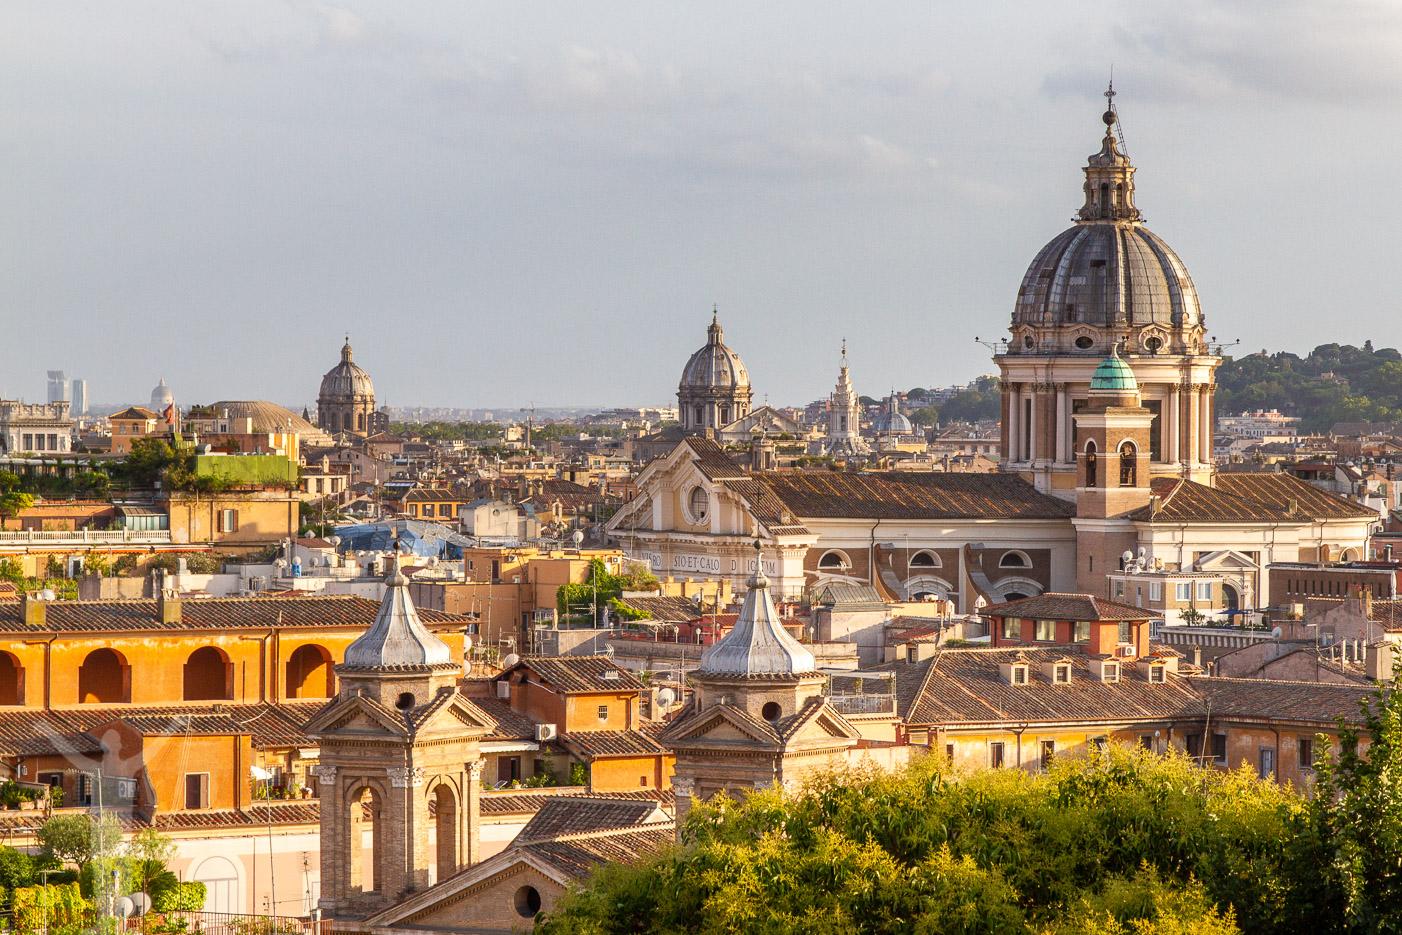 Casina Valadier - en av flera  utsiktsplatser i Rom